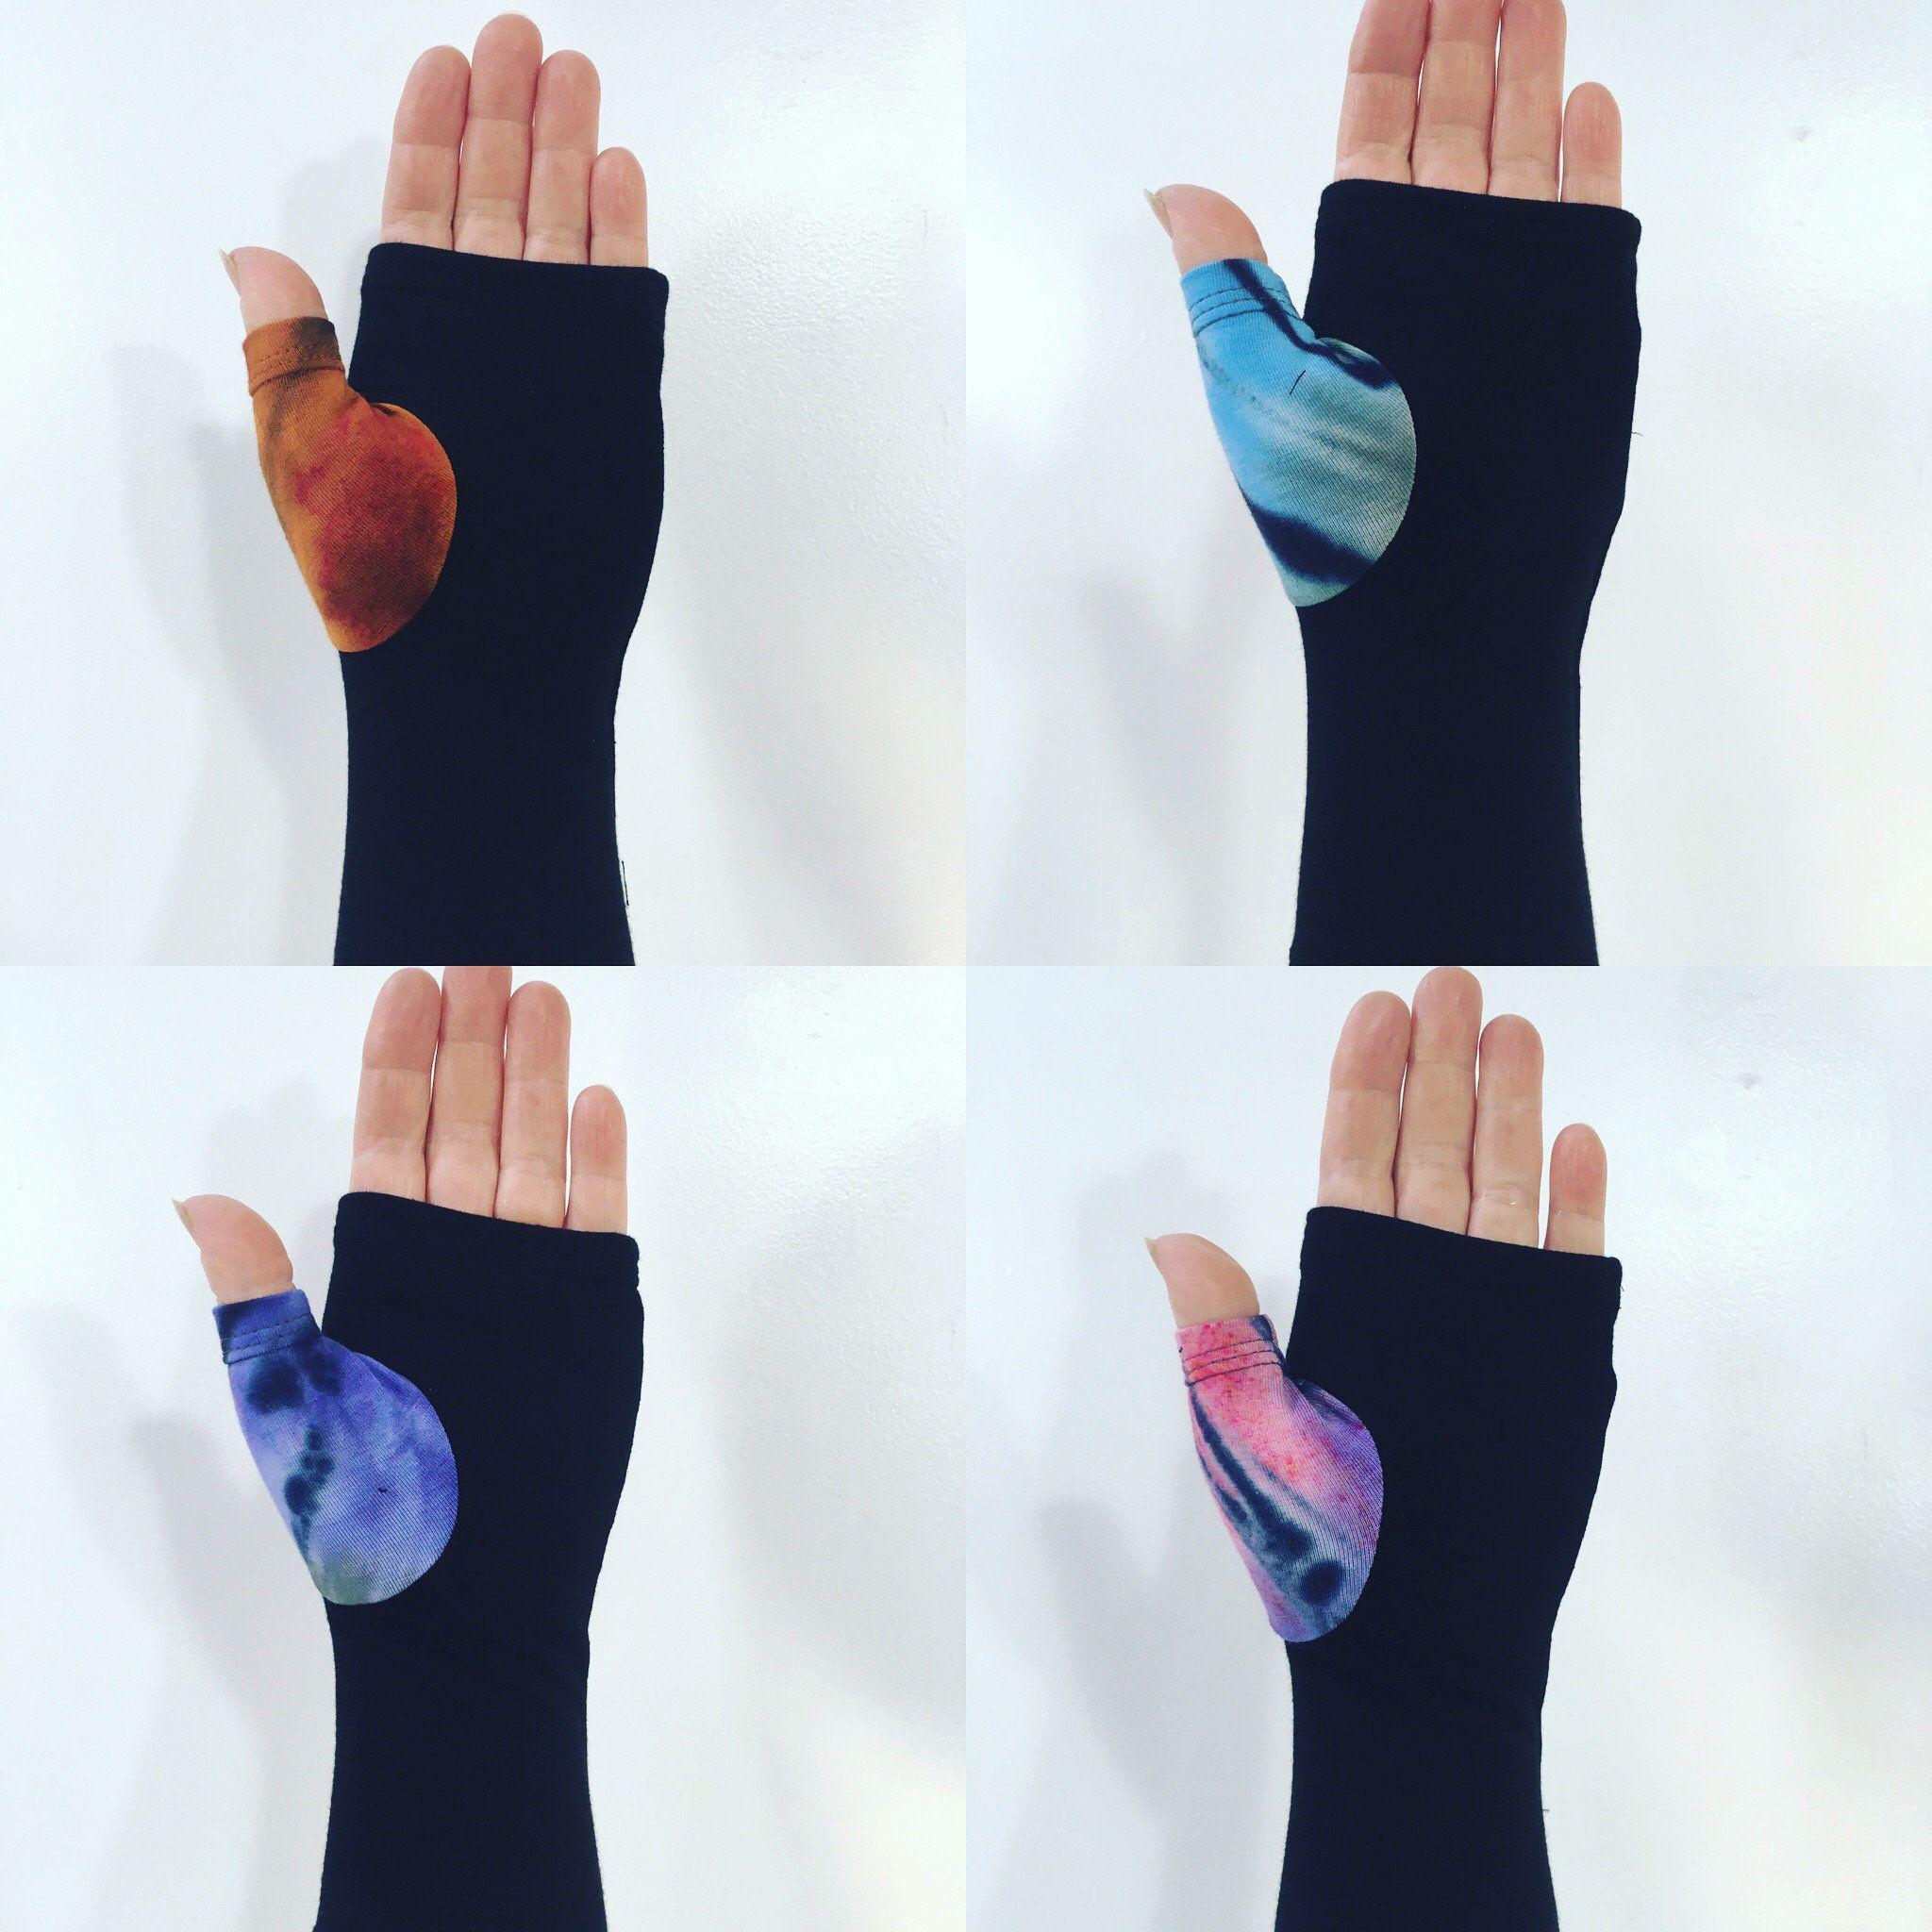 How To Get Tie Dye Off Hands